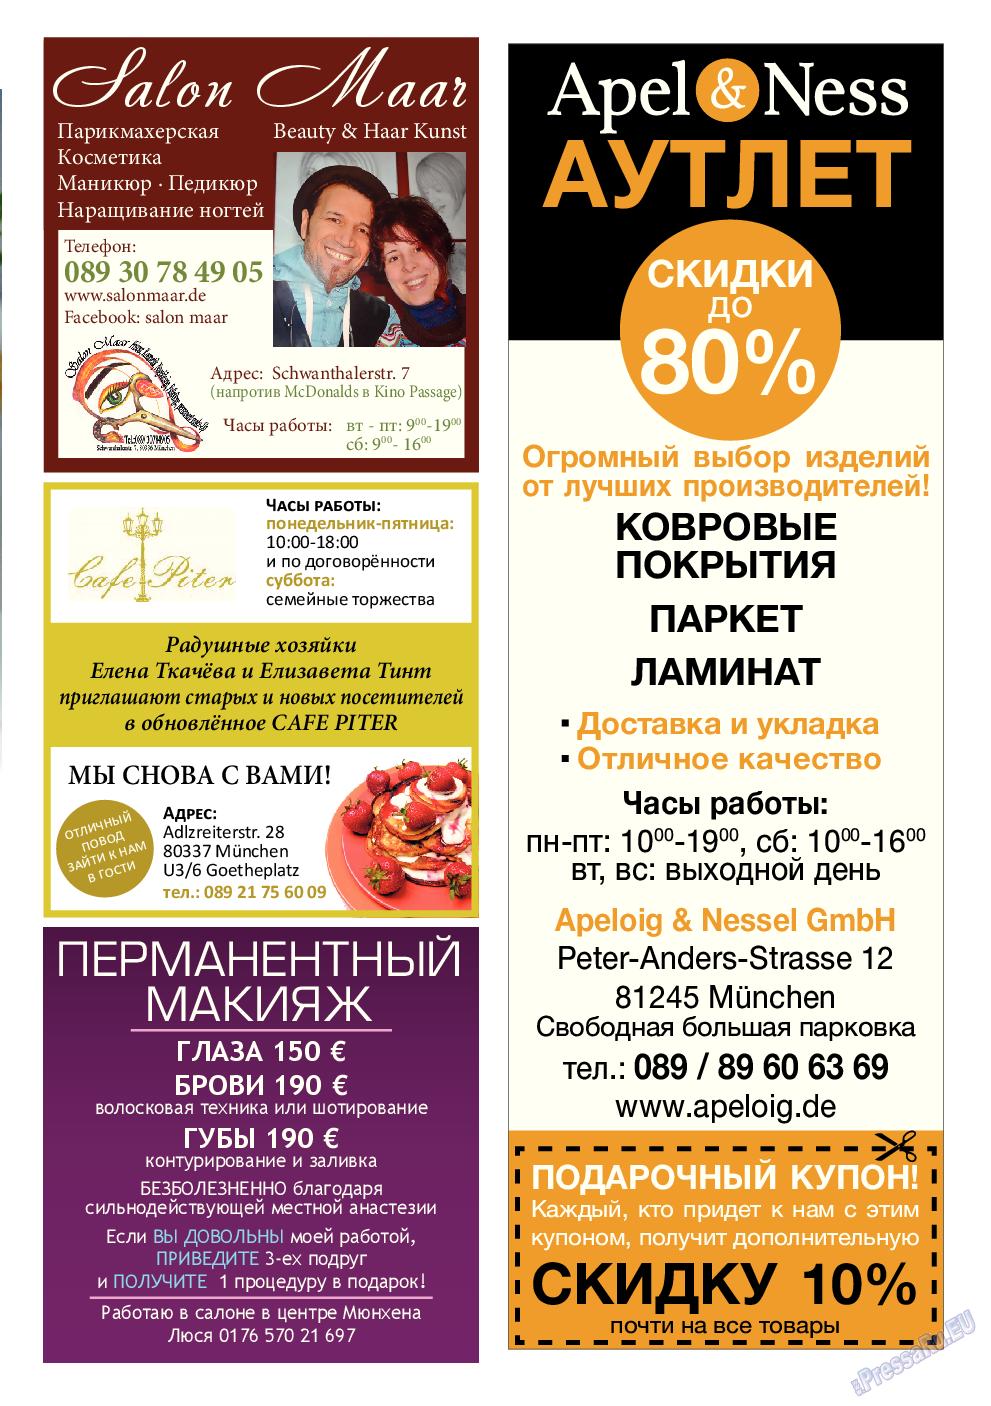 Апельсин (журнал). 2014 год, номер 62, стр. 49